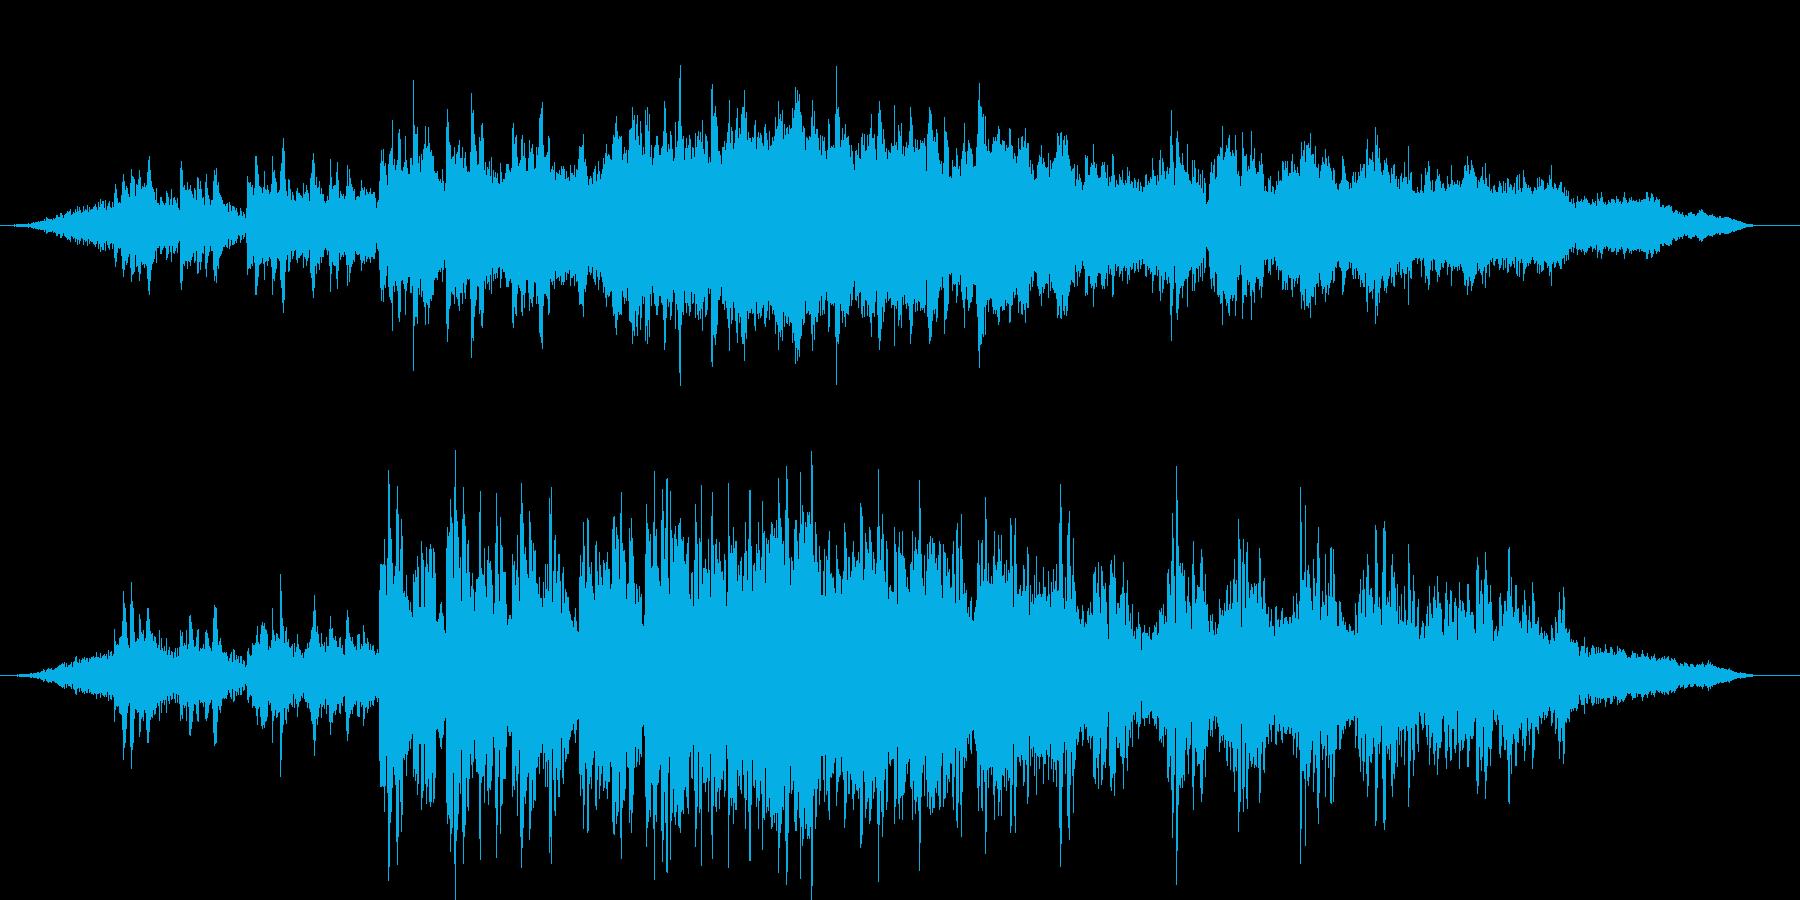 アイルランド風の物悲しいBGMの再生済みの波形